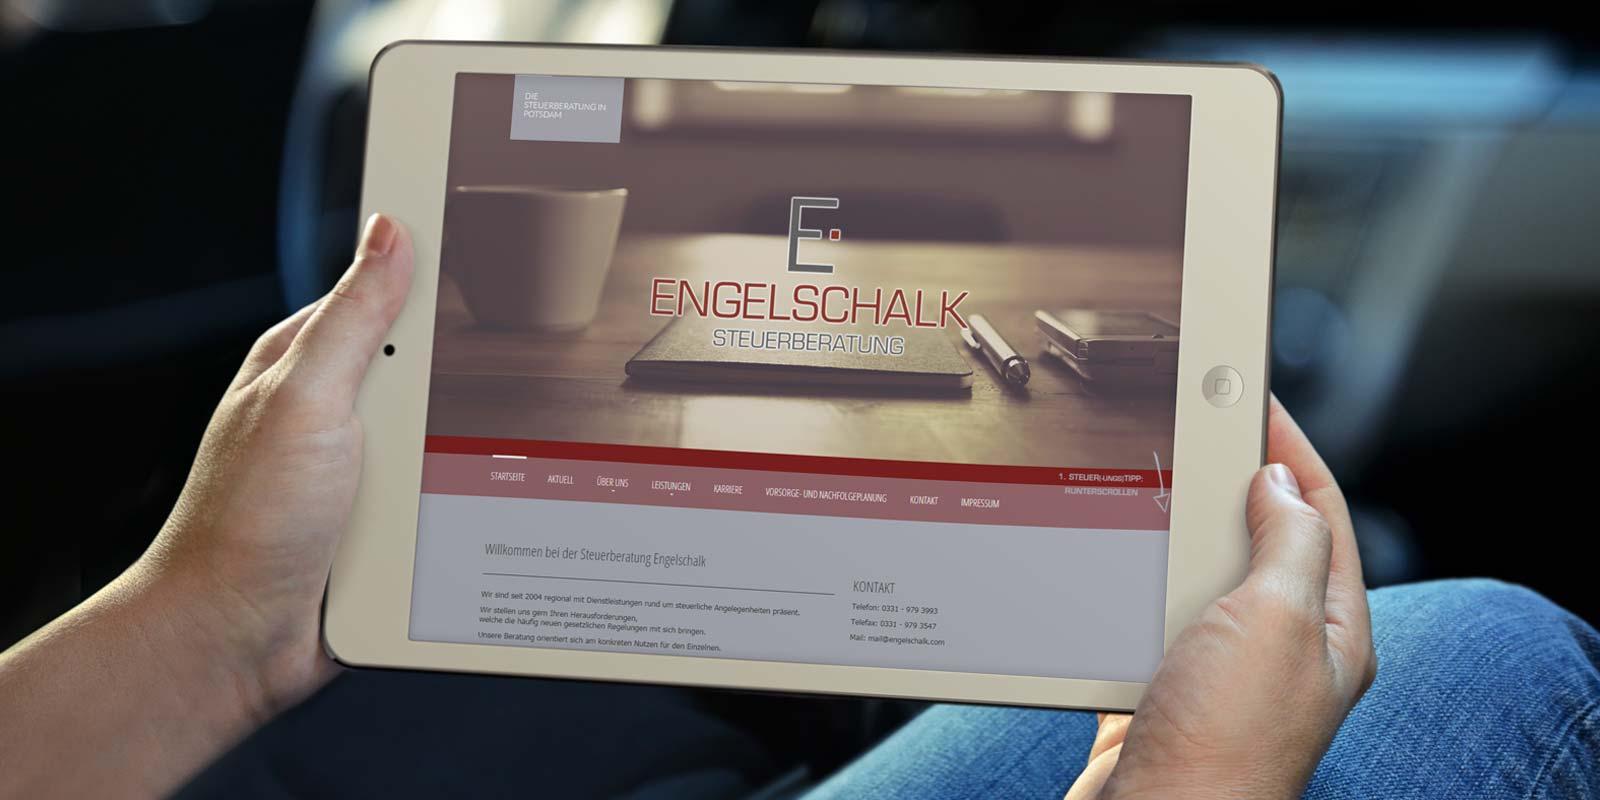 Werbeagentur MAPO-Marketing Potsdam, Responsive Webdesign für Engelschalk Steuerberatung